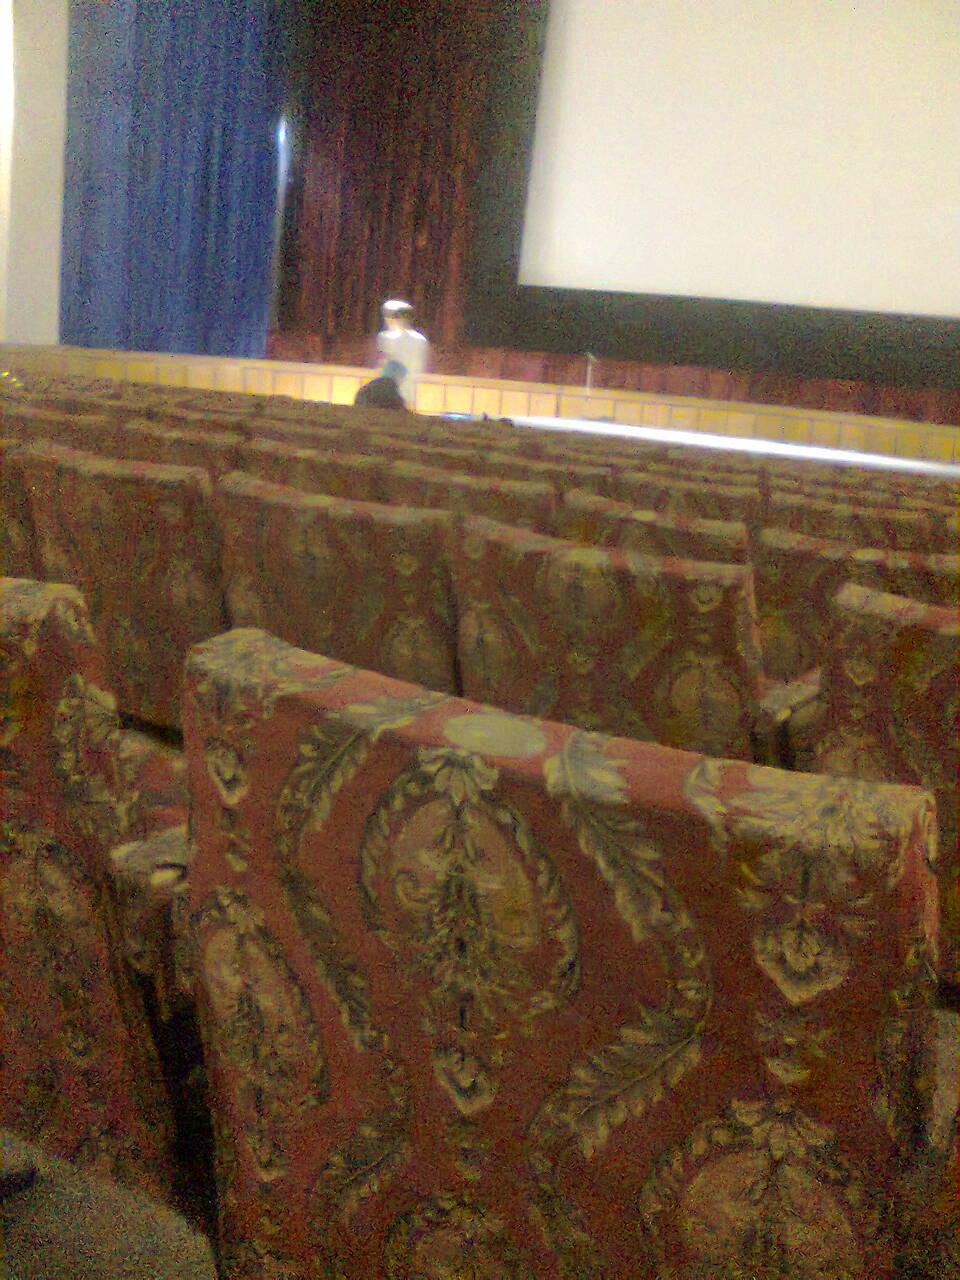 """Така """"Молодість"""": Угорський фільм стартував із запізненням на годину у майже порожньому залі - фото 1"""